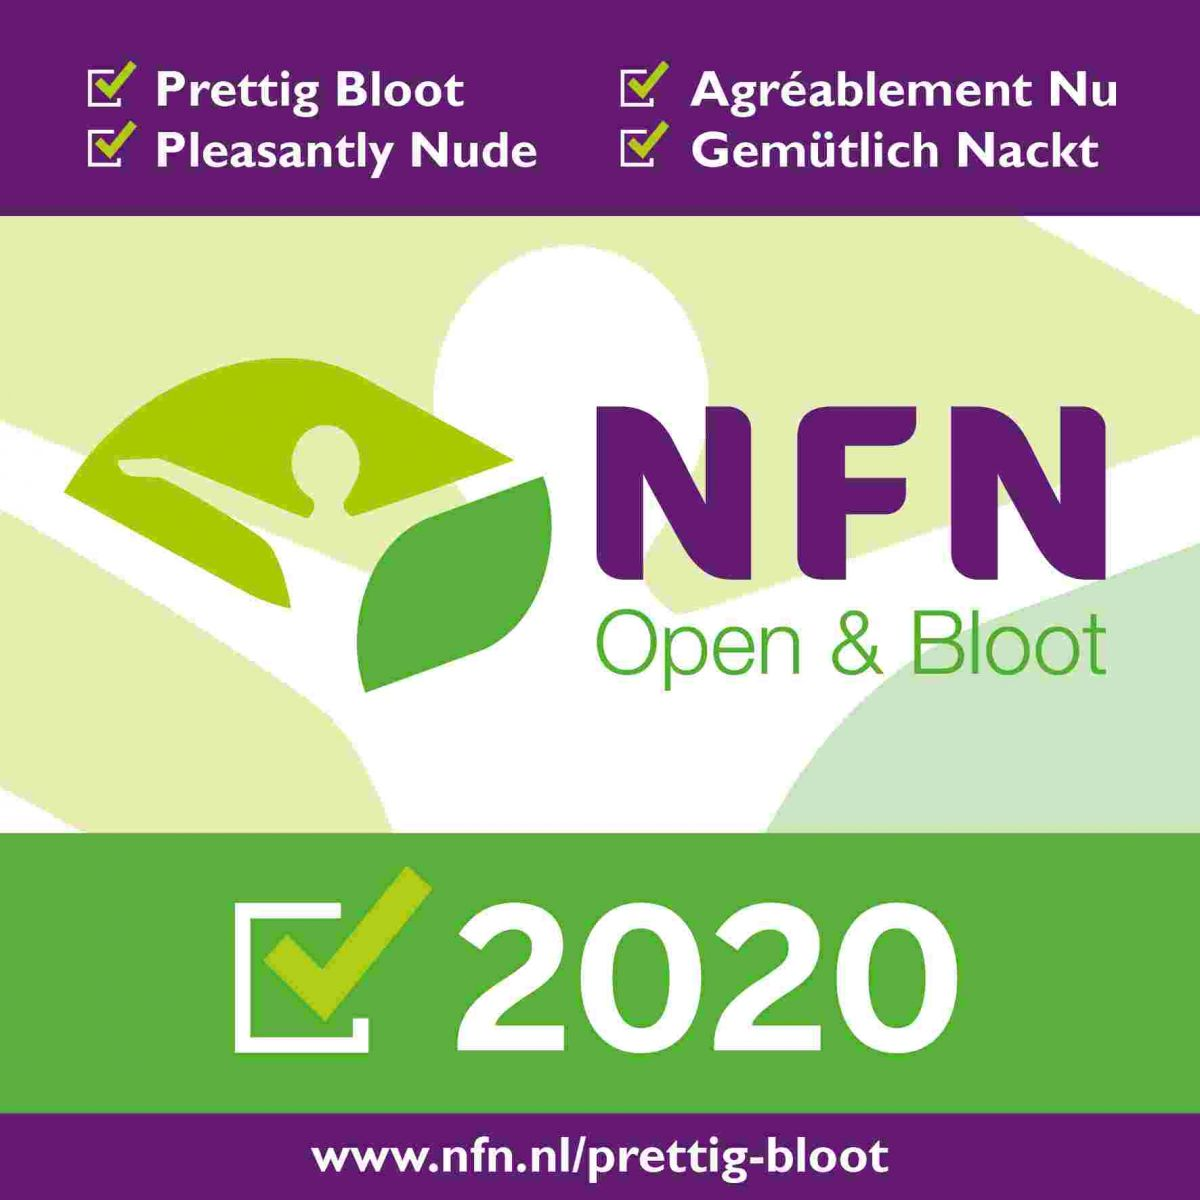 NFN Logo 2020